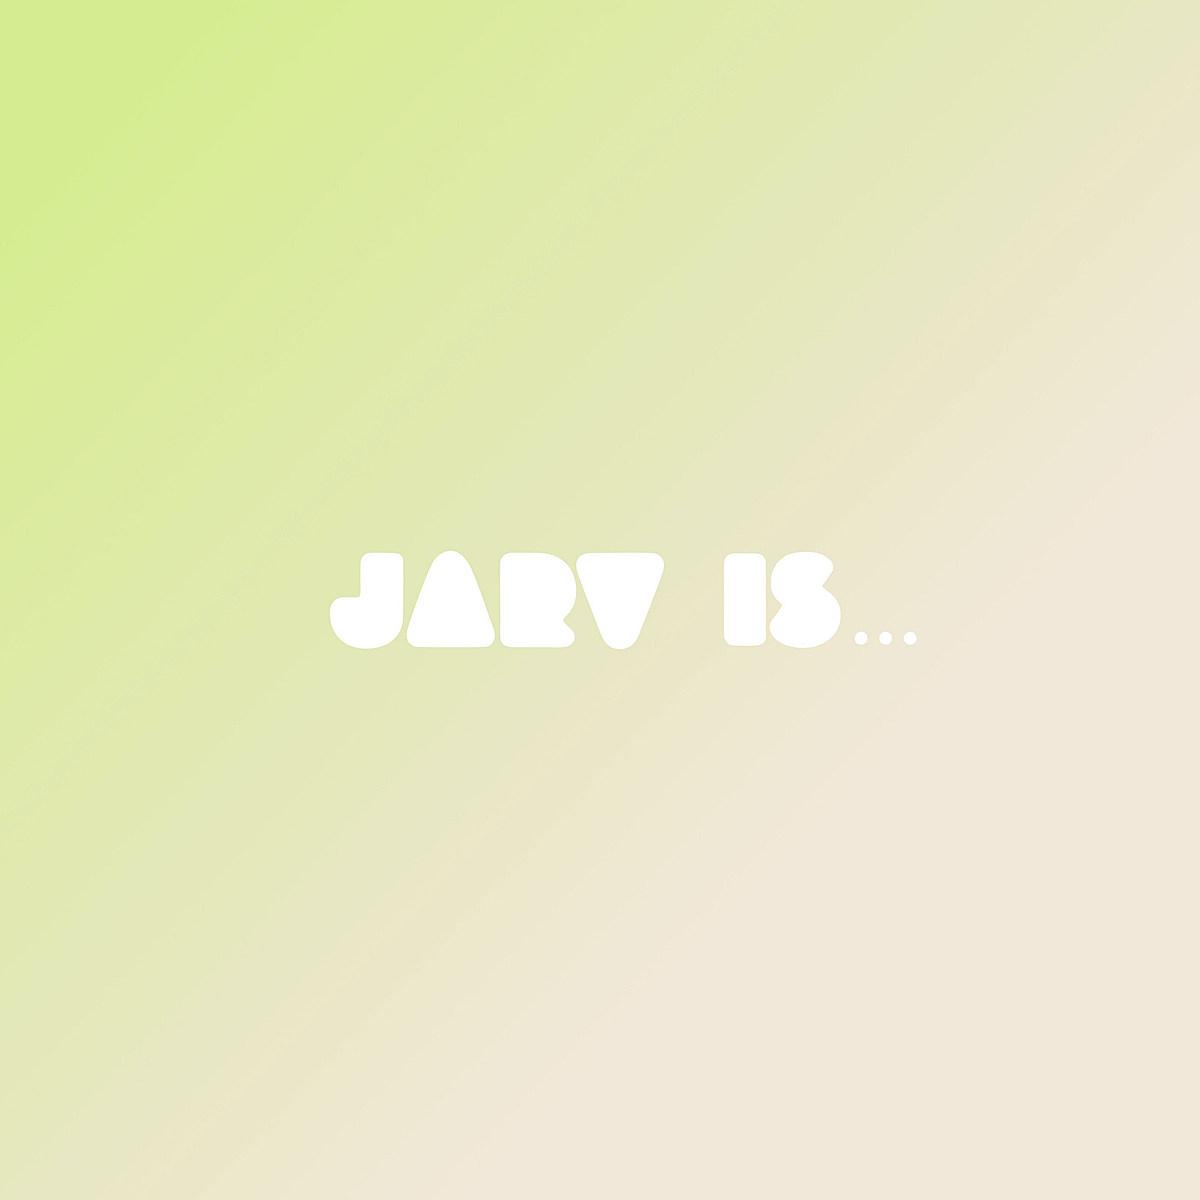 jarvis cocker jarv is...